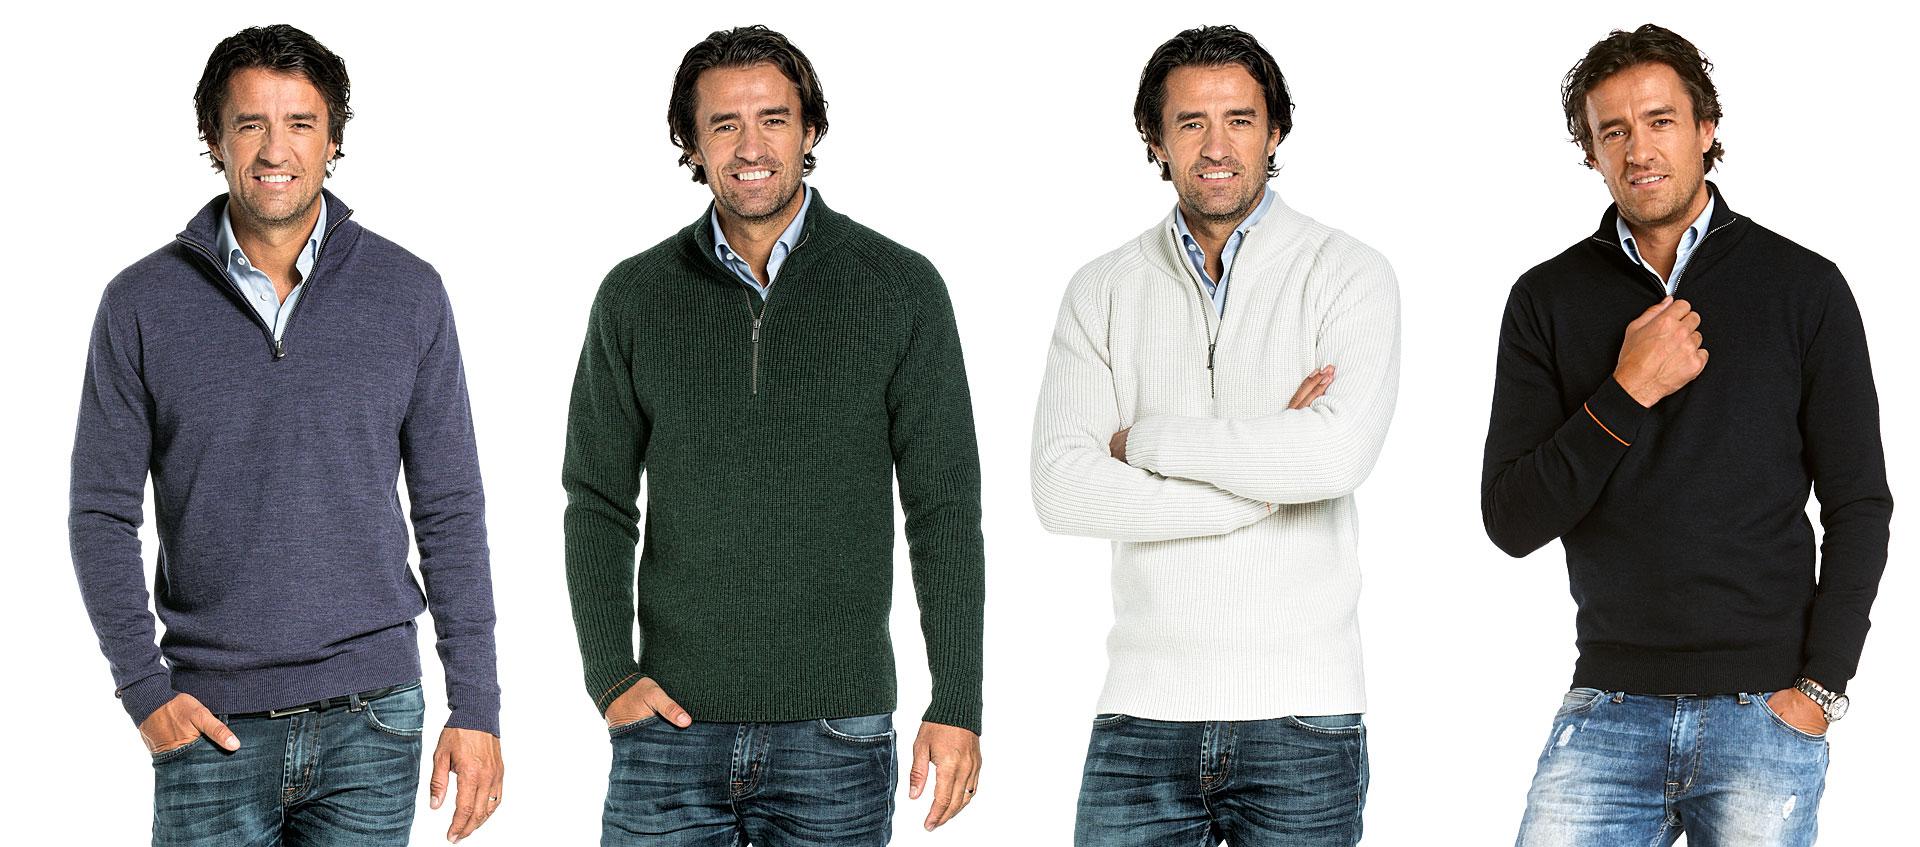 Troyer für Herren aus 100% Merino Wolle kaufen Sie online bei Joe Merino.